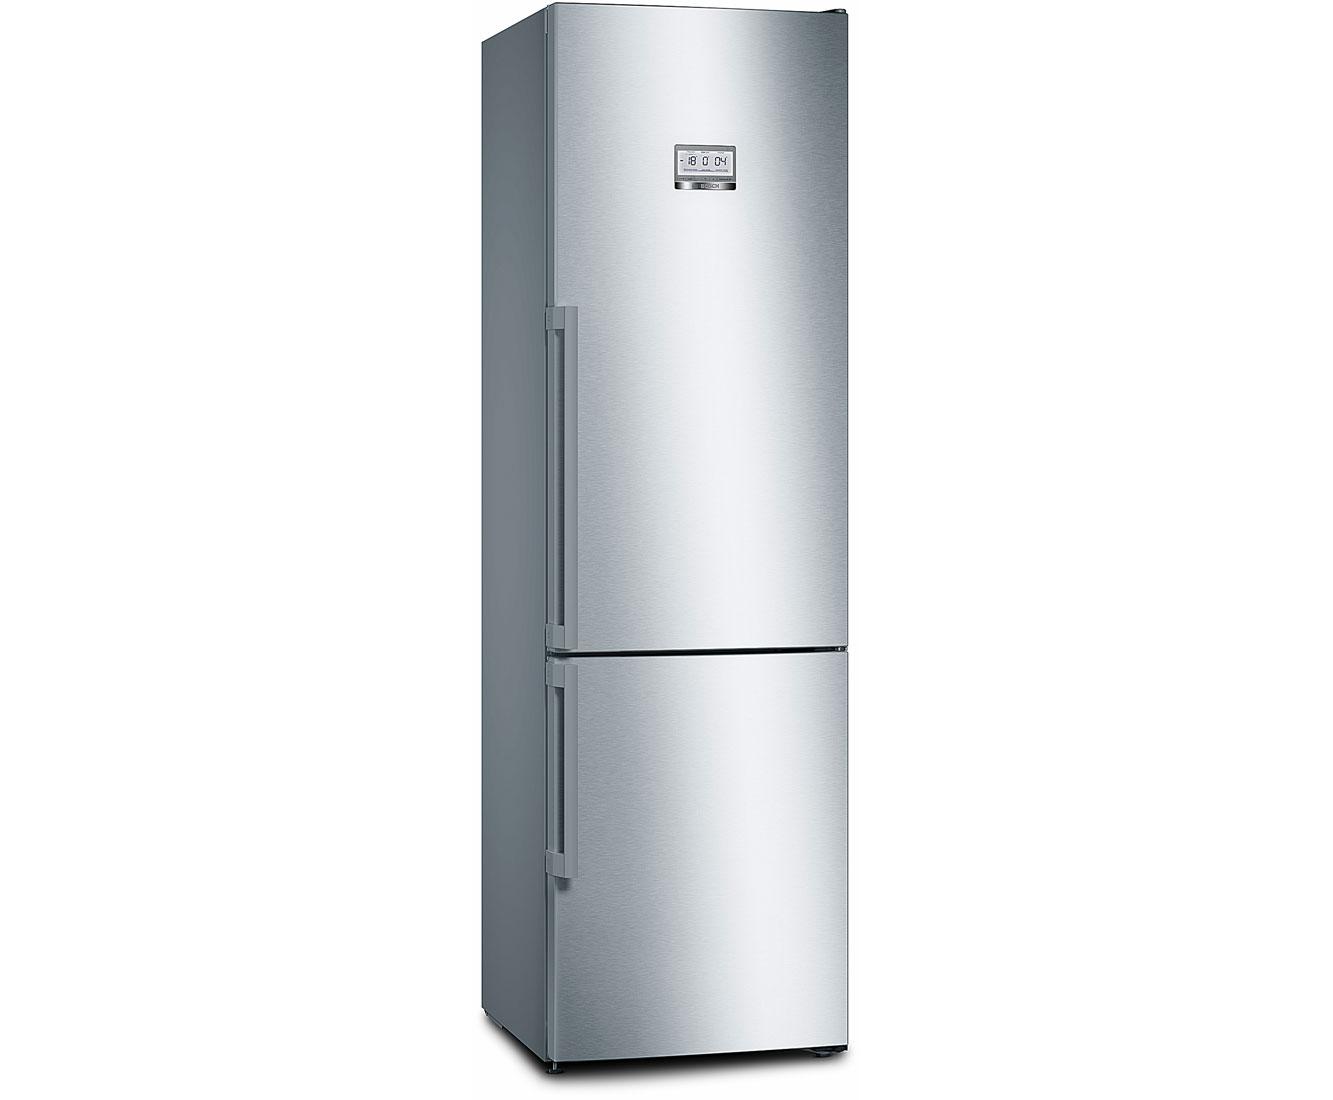 Bosch Kühlschrank Kgn 39 Xi 45 : Kühl gefrierkombination edelstahl preisvergleich u2022 die besten